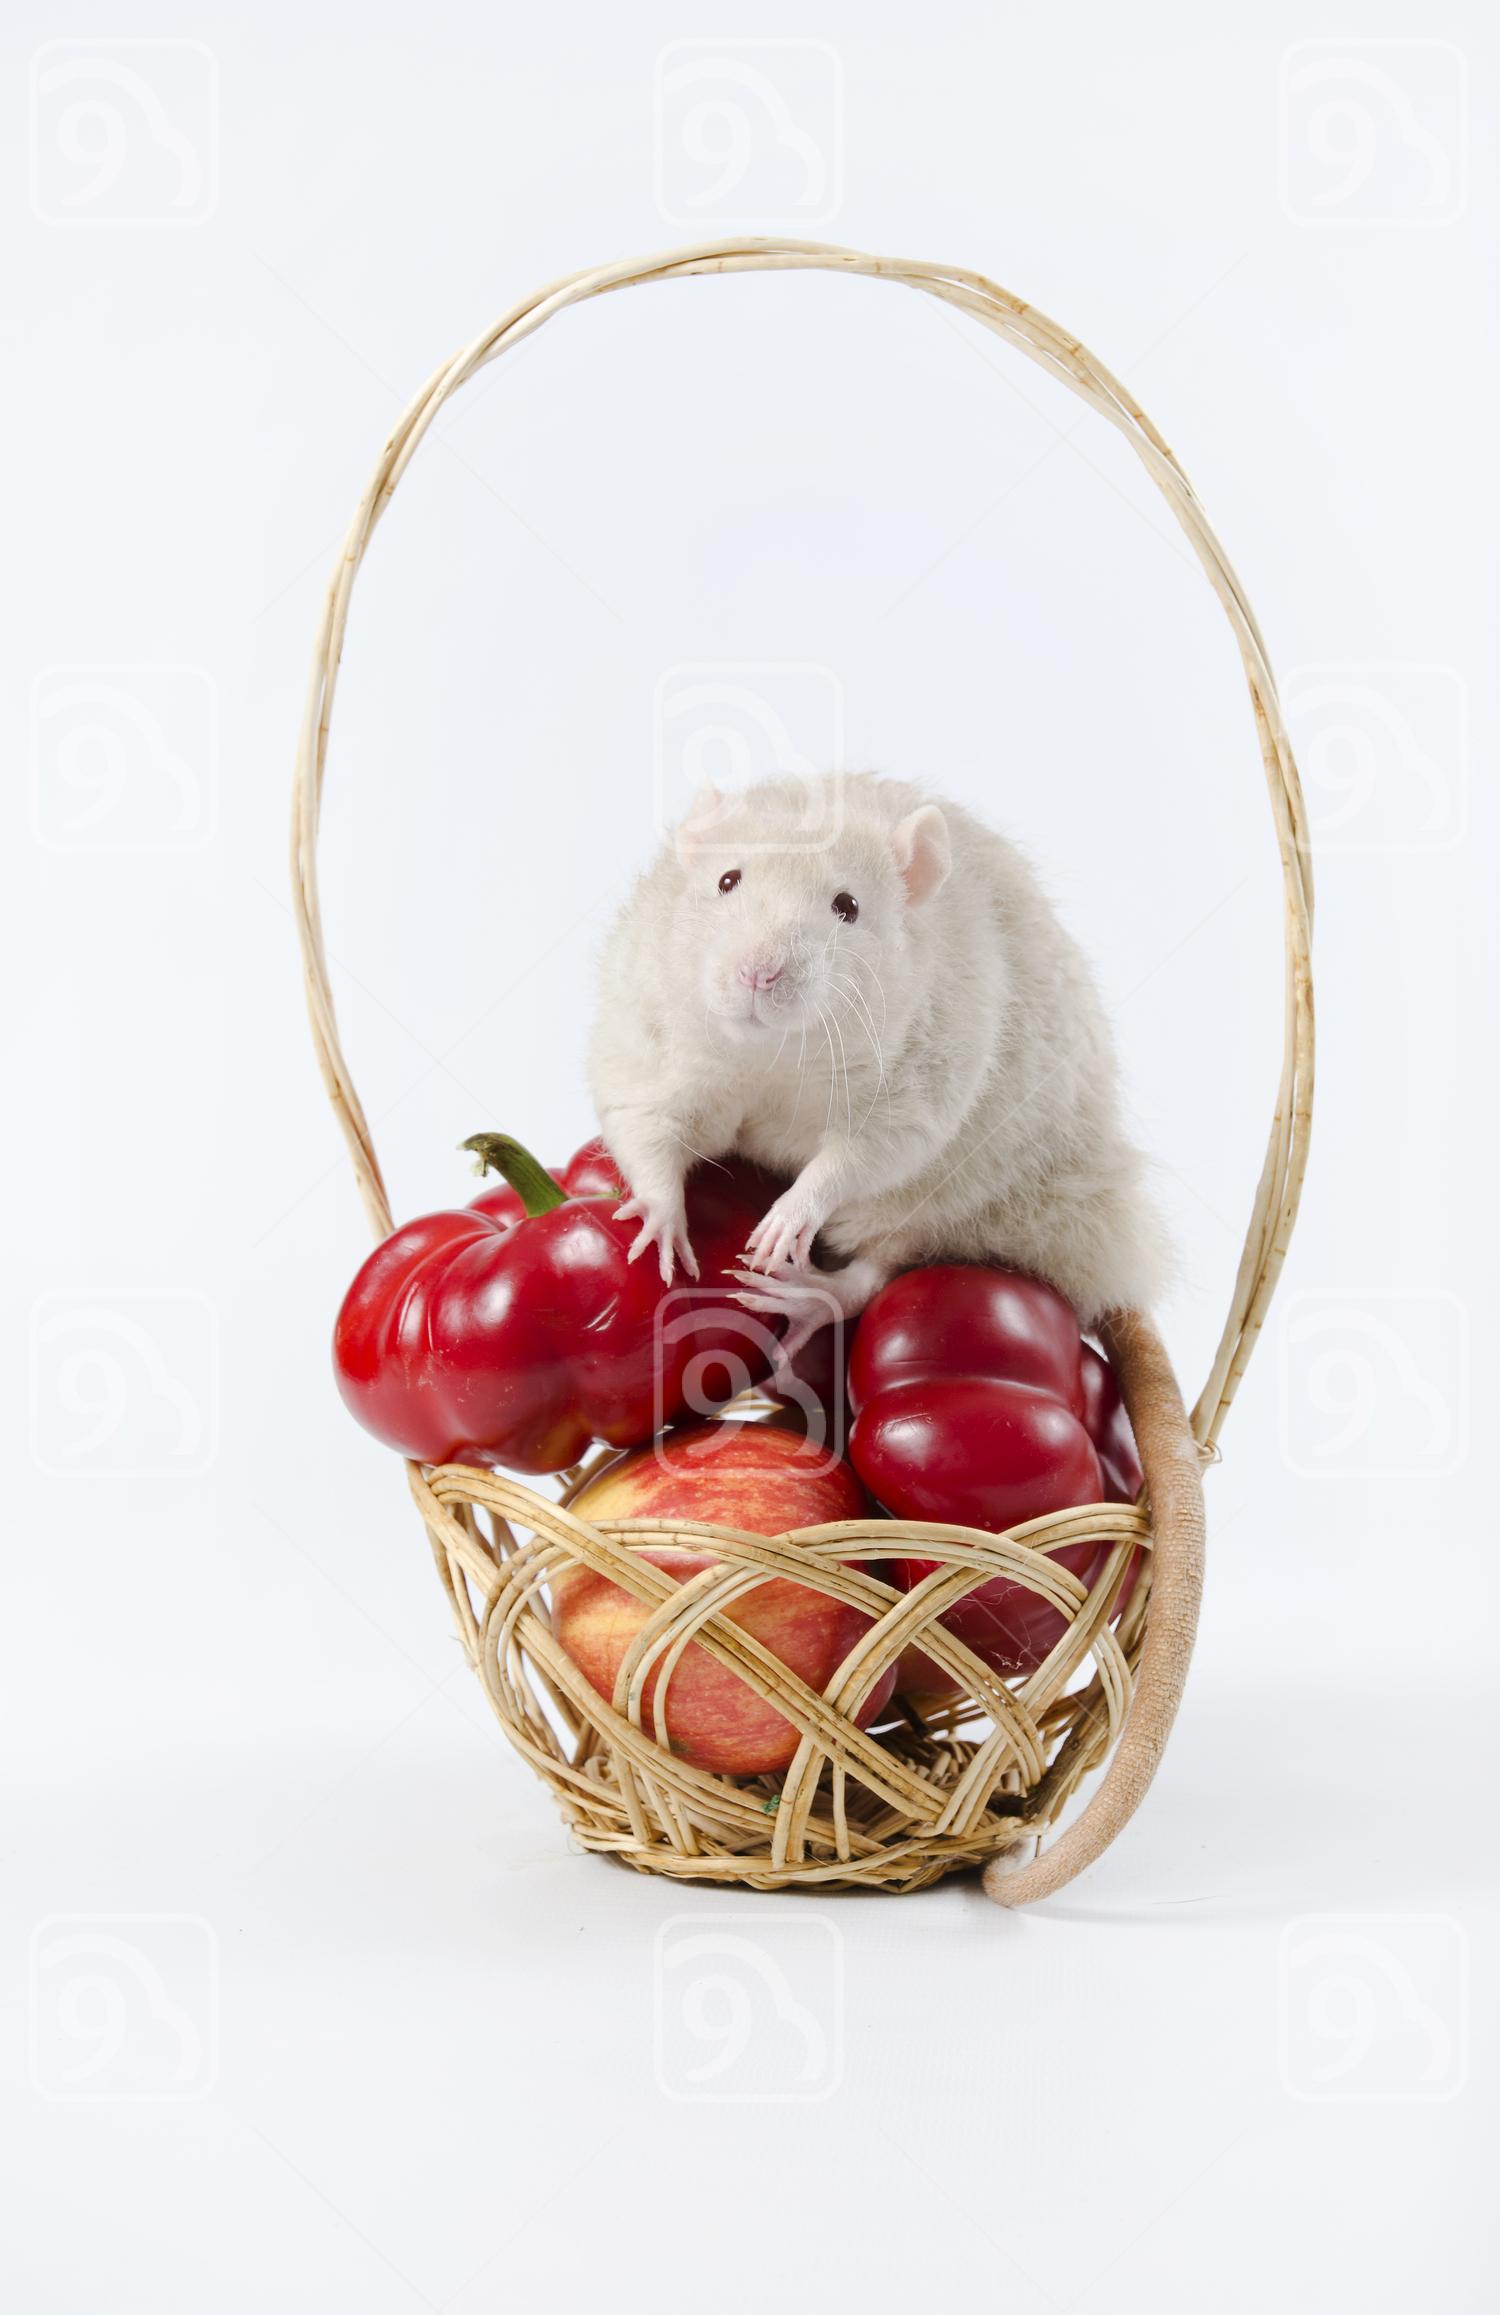 White Rat nosing around a wicker basket